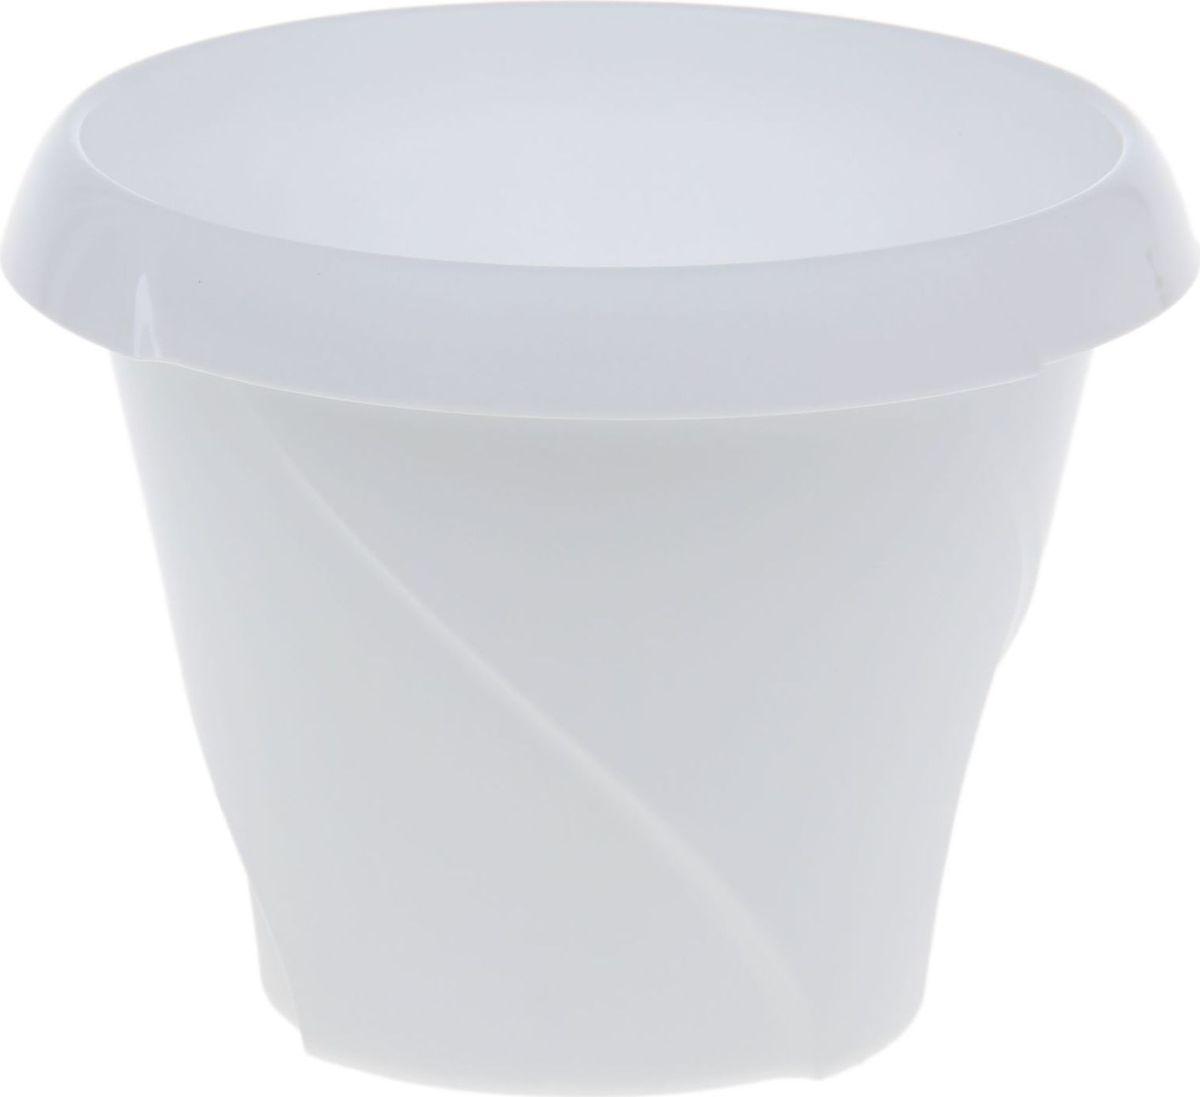 Кашпо Martika Флориана, цвет: белый, 0,7 л1355433Любой, даже самый современный и продуманный интерьер будет не завершённым без растений. Они не только очищают воздух и насыщают его кислородом, но и заметно украшают окружающее пространство. Такому полезному &laquo члену семьи&raquoпросто необходимо красивое и функциональное кашпо, оригинальный горшок или необычная ваза! Мы предлагаем - Кашпо 700 мл Флориана, d=13,5 см, цвет белый!Оптимальный выбор материала &mdash &nbsp пластмасса! Почему мы так считаем? Малый вес. С лёгкостью переносите горшки и кашпо с места на место, ставьте их на столики или полки, подвешивайте под потолок, не беспокоясь о нагрузке. Простота ухода. Пластиковые изделия не нуждаются в специальных условиях хранения. Их&nbsp легко чистить &mdashдостаточно просто сполоснуть тёплой водой. Никаких царапин. Пластиковые кашпо не царапают и не загрязняют поверхности, на которых стоят. Пластик дольше хранит влагу, а значит &mdashрастение реже нуждается в поливе. Пластмасса не пропускает воздух &mdashкорневой системе растения не грозят резкие перепады температур. Огромный выбор форм, декора и расцветок &mdashвы без труда подберёте что-то, что идеально впишется в уже существующий интерьер.Соблюдая нехитрые правила ухода, вы можете заметно продлить срок службы горшков, вазонов и кашпо из пластика: всегда учитывайте размер кроны и корневой системы растения (при разрастании большое растение способно повредить маленький горшок)берегите изделие от воздействия прямых солнечных лучей, чтобы кашпо и горшки не выцветалидержите кашпо и горшки из пластика подальше от нагревающихся поверхностей.Создавайте прекрасные цветочные композиции, выращивайте рассаду или необычные растения, а низкие цены позволят вам не ограничивать себя в выборе.